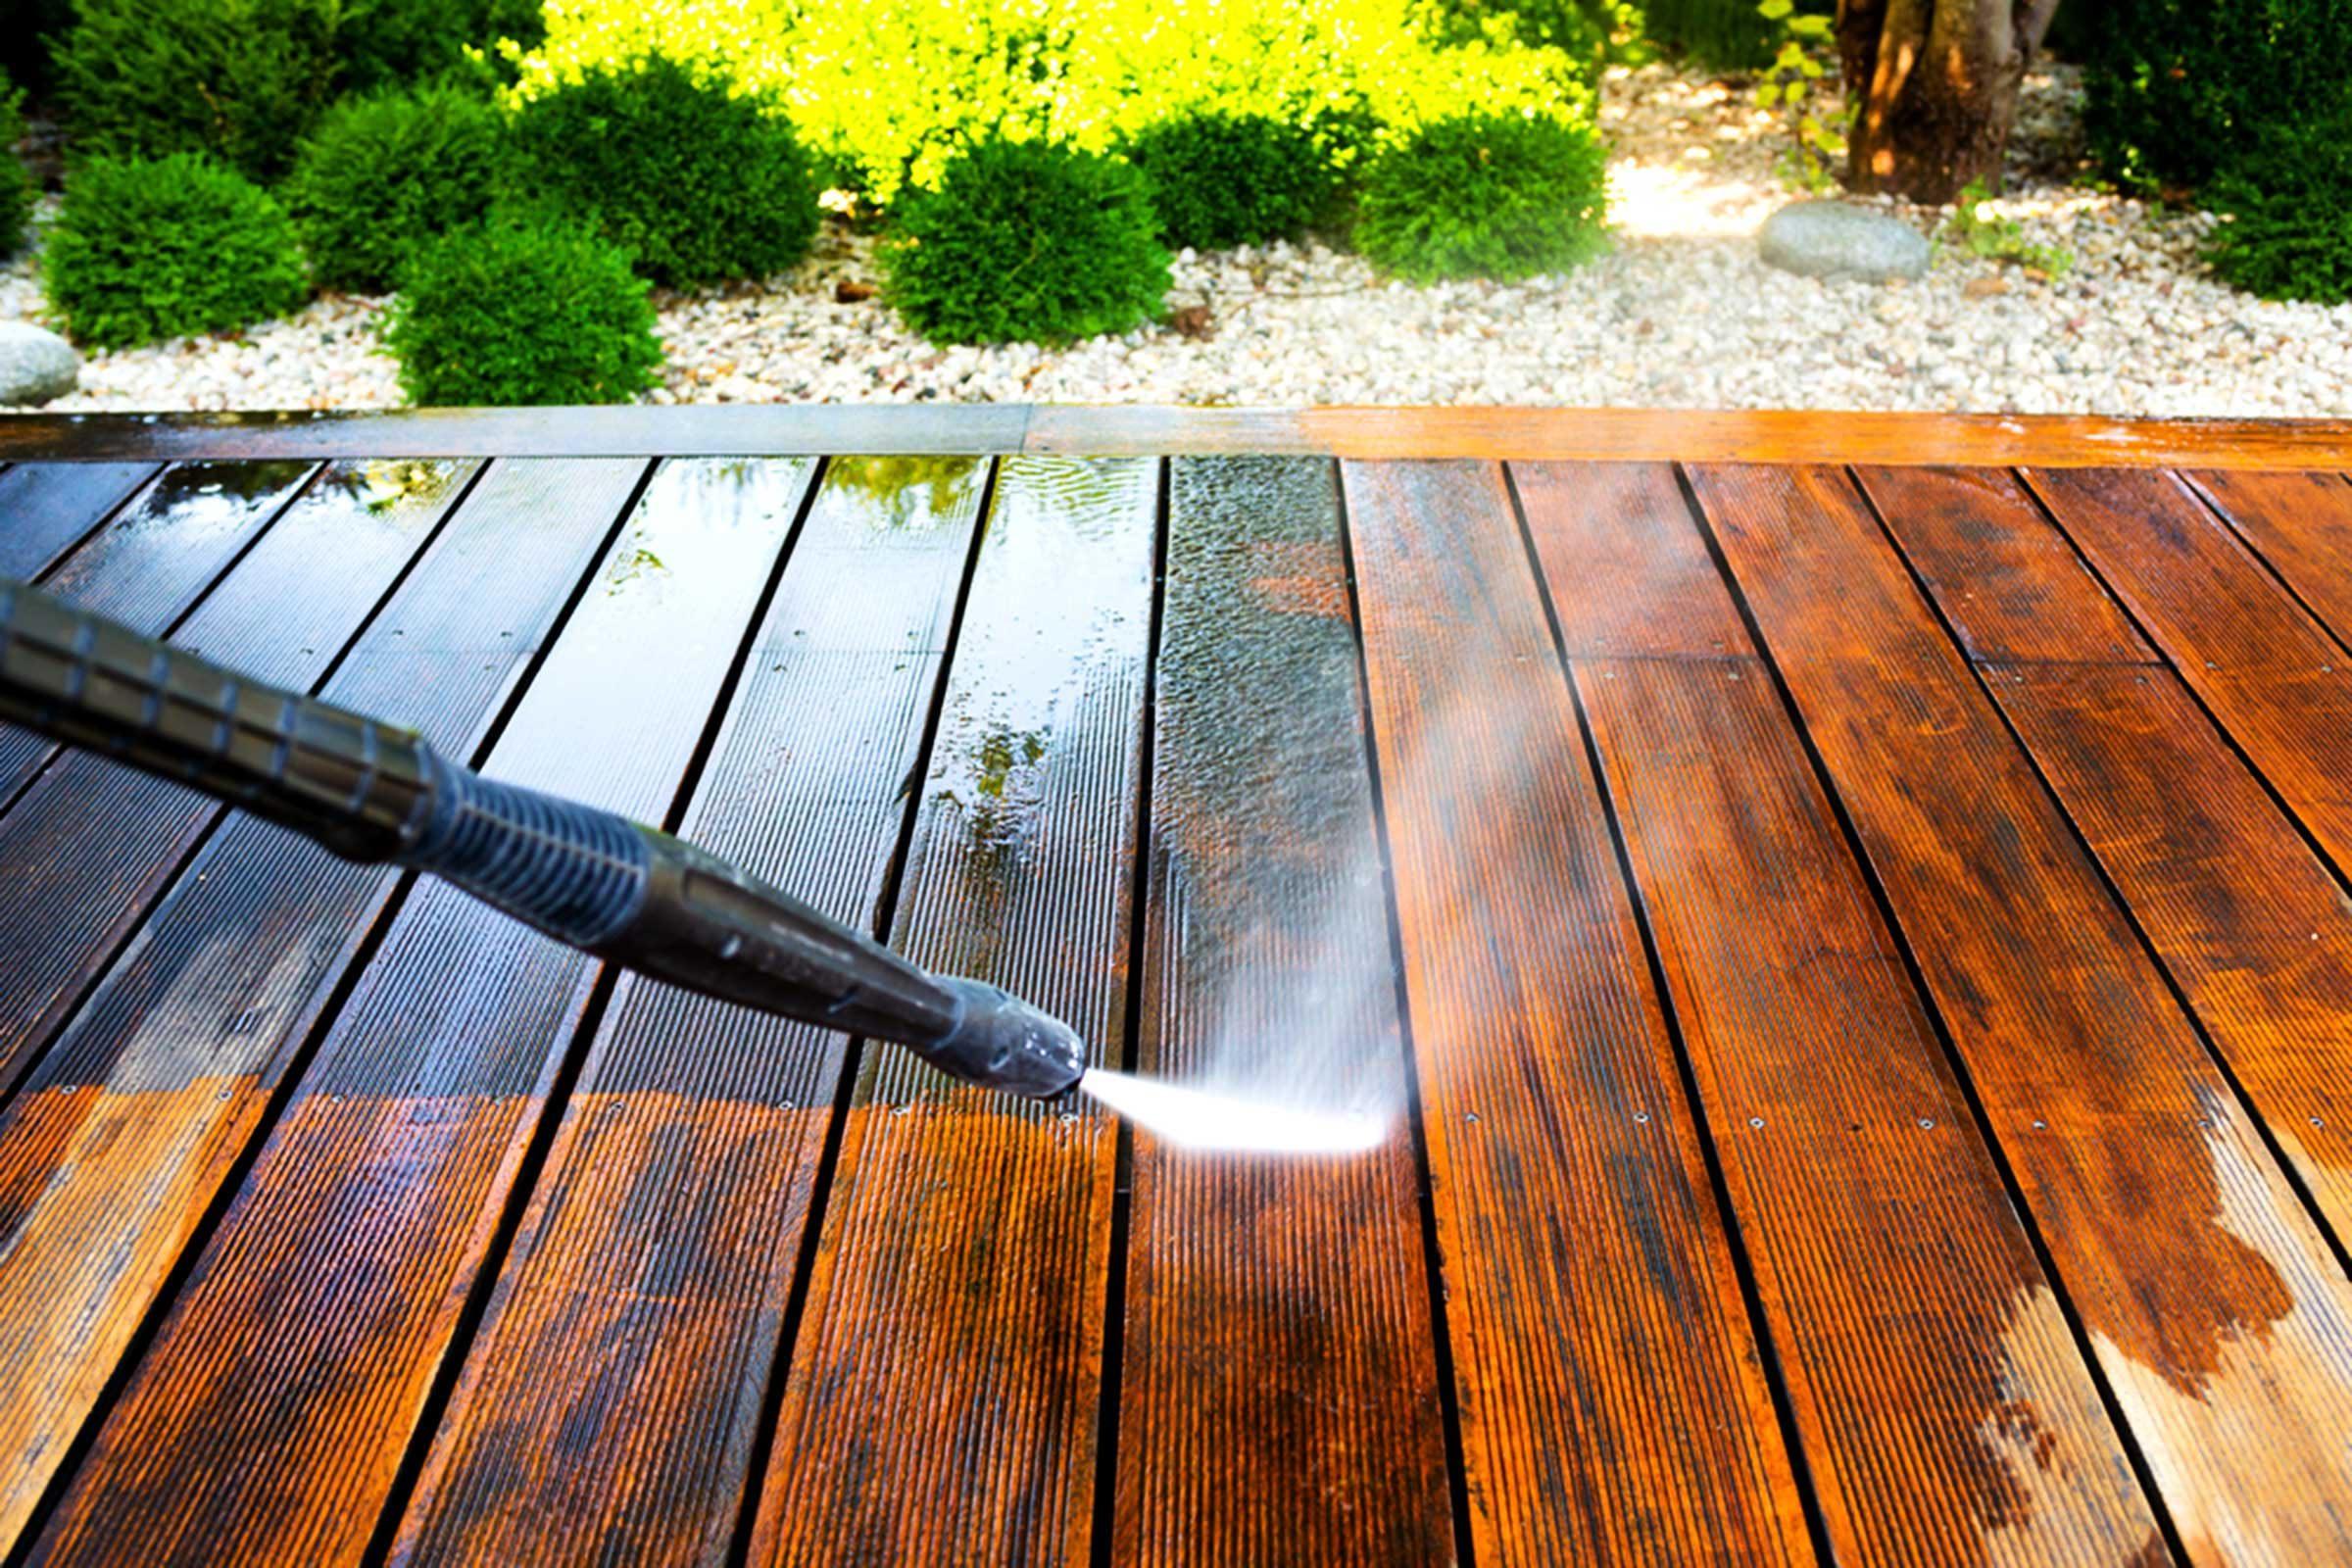 Votre maison sera embellie avec un bon nettoyage extérieur.